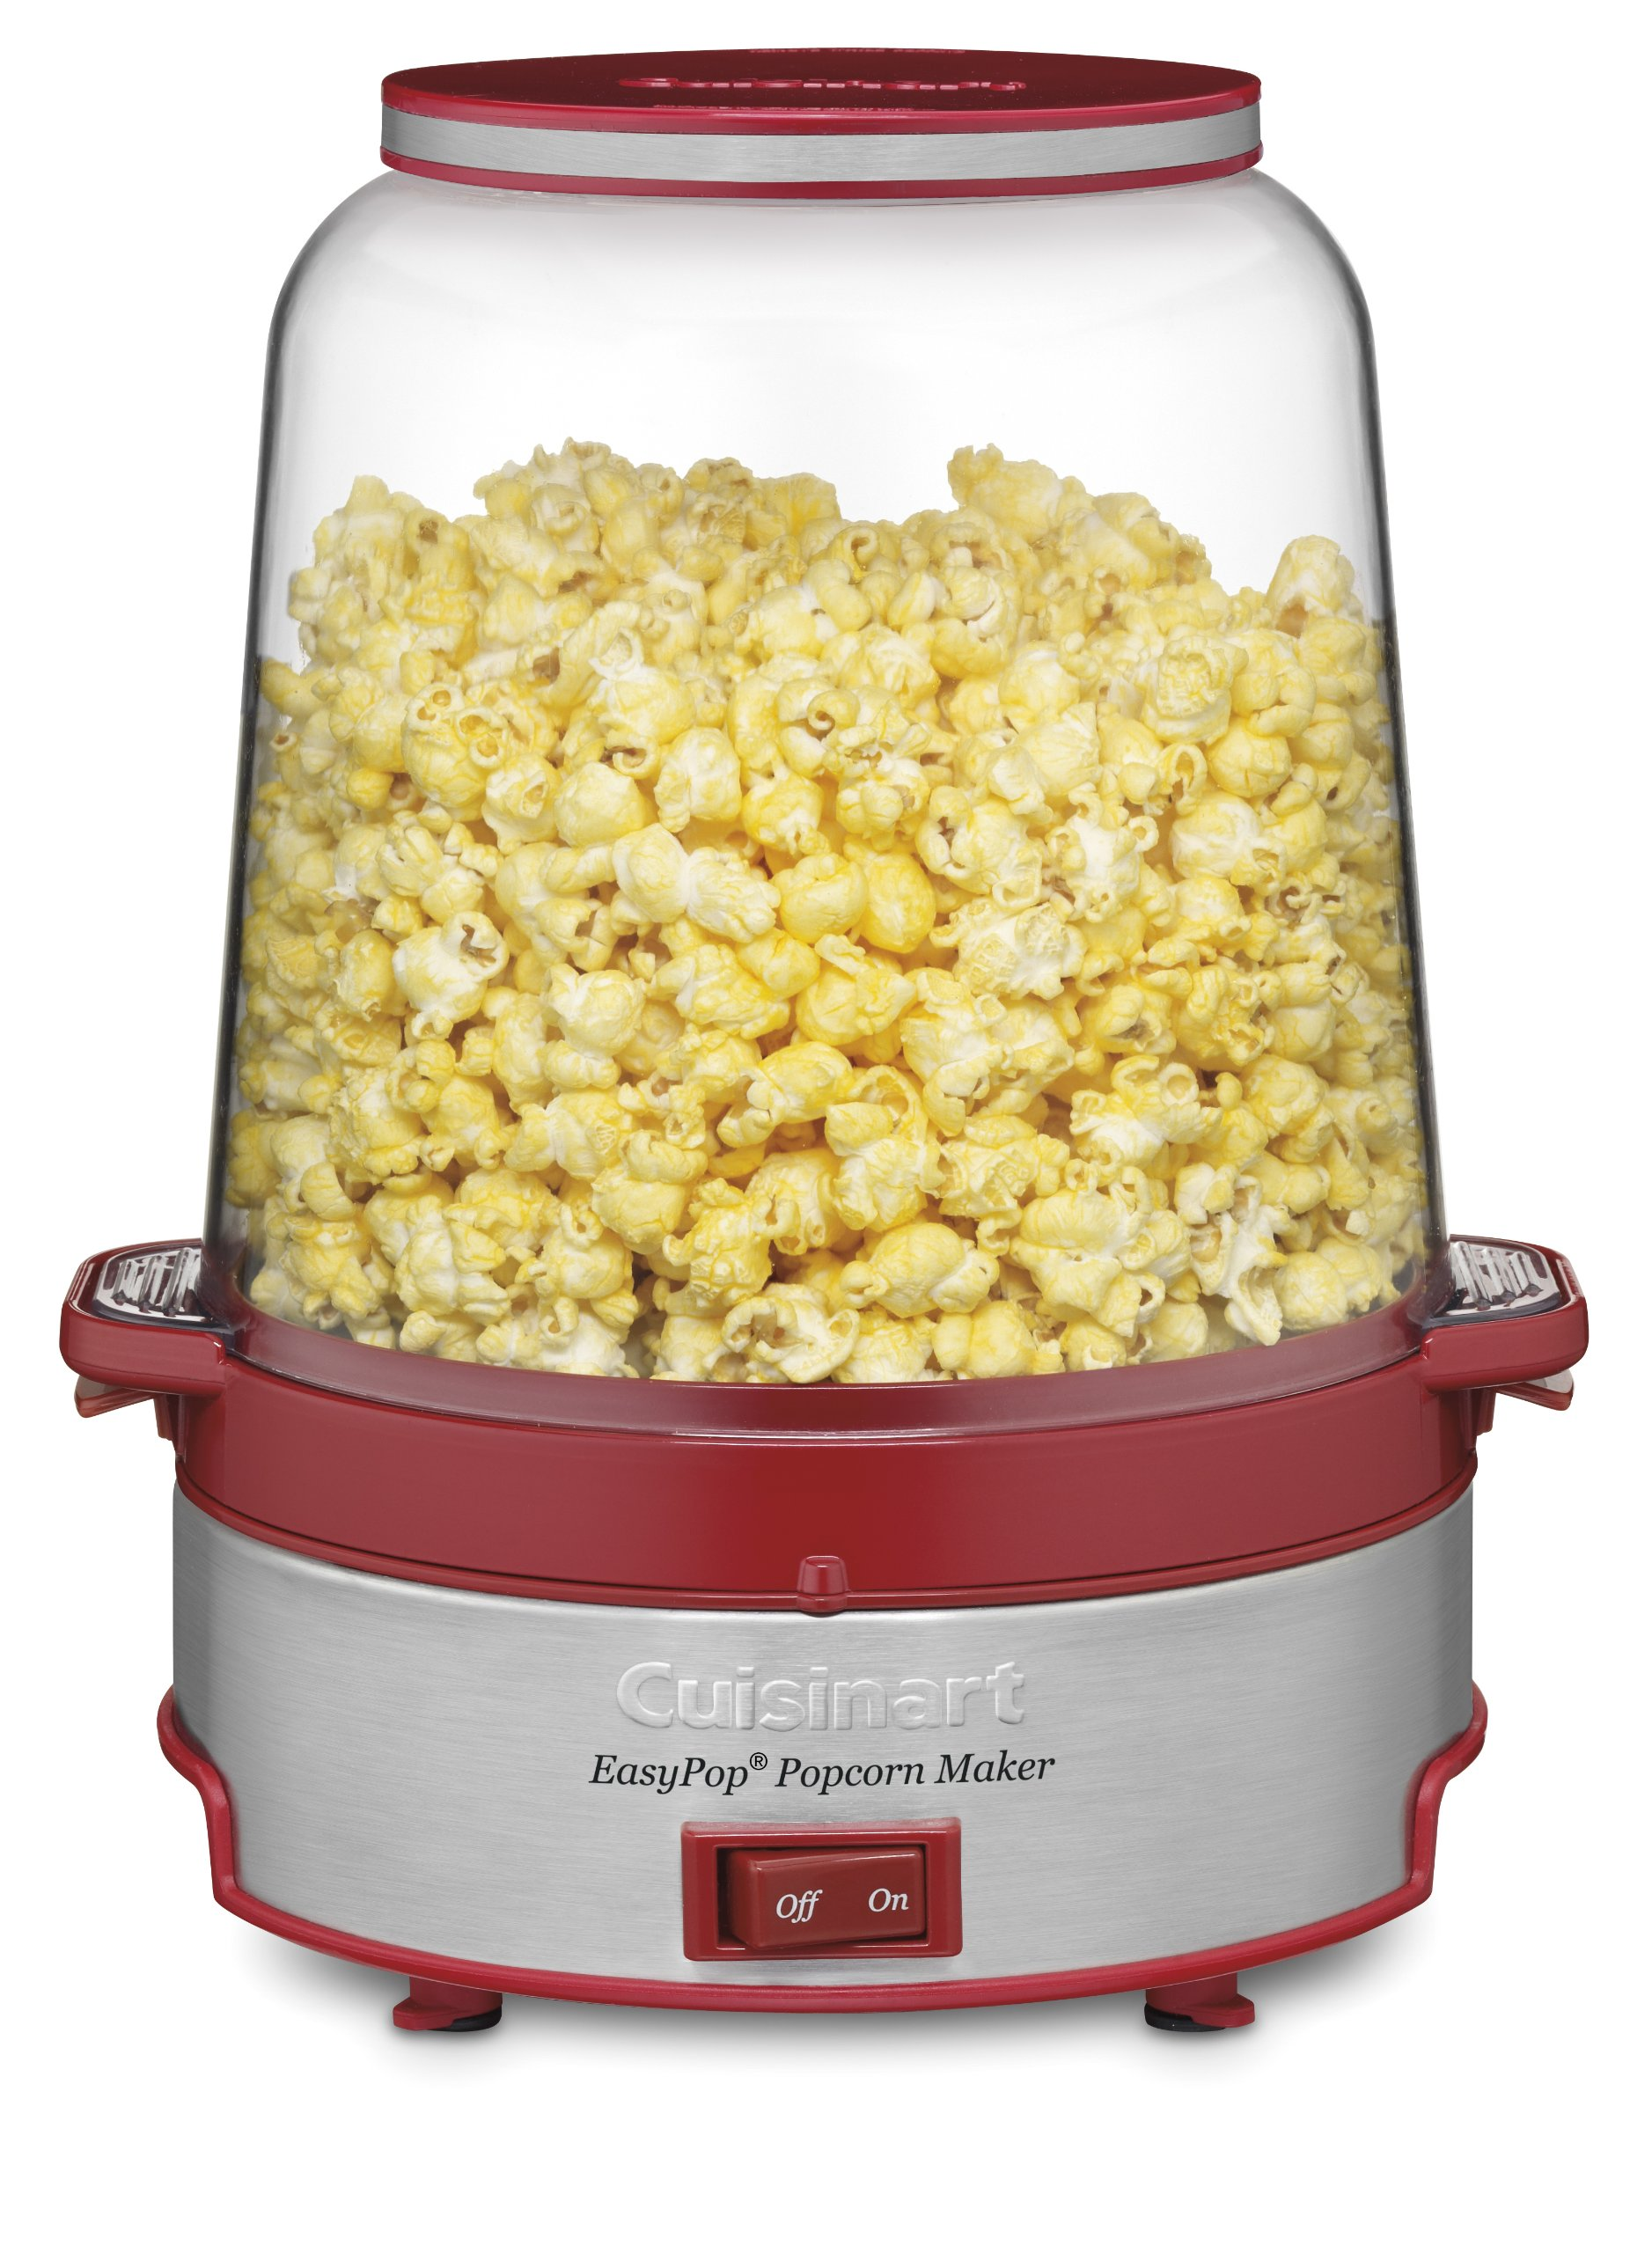 Cuisinart CPM-700 EasyPop Popcorn Maker, Red by Cuisinart